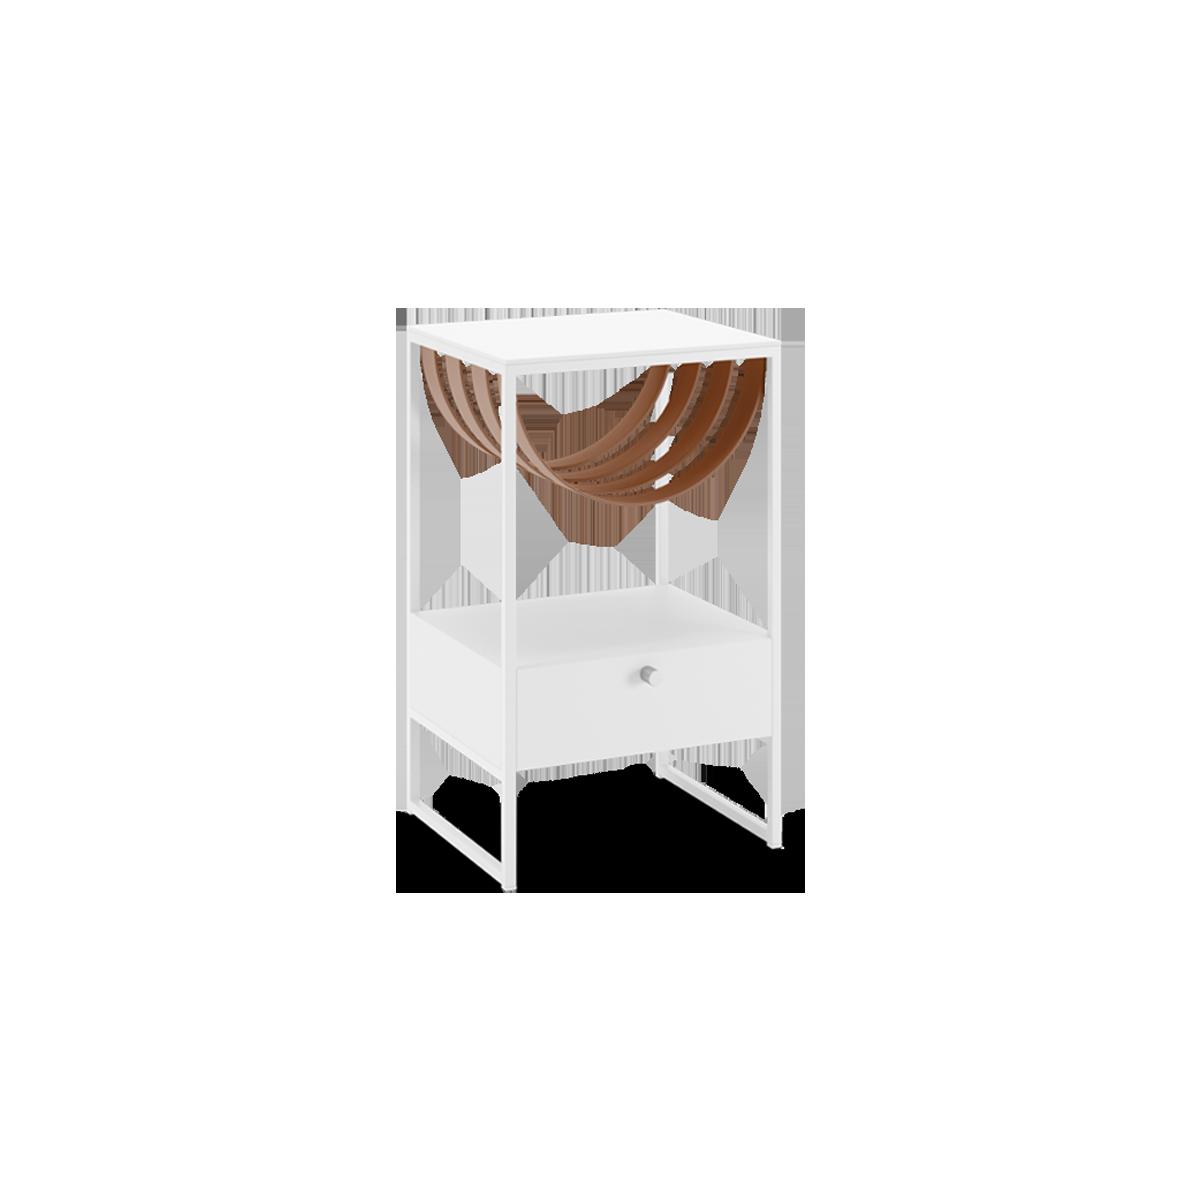 iris-sängbord-by Crea-produktbild